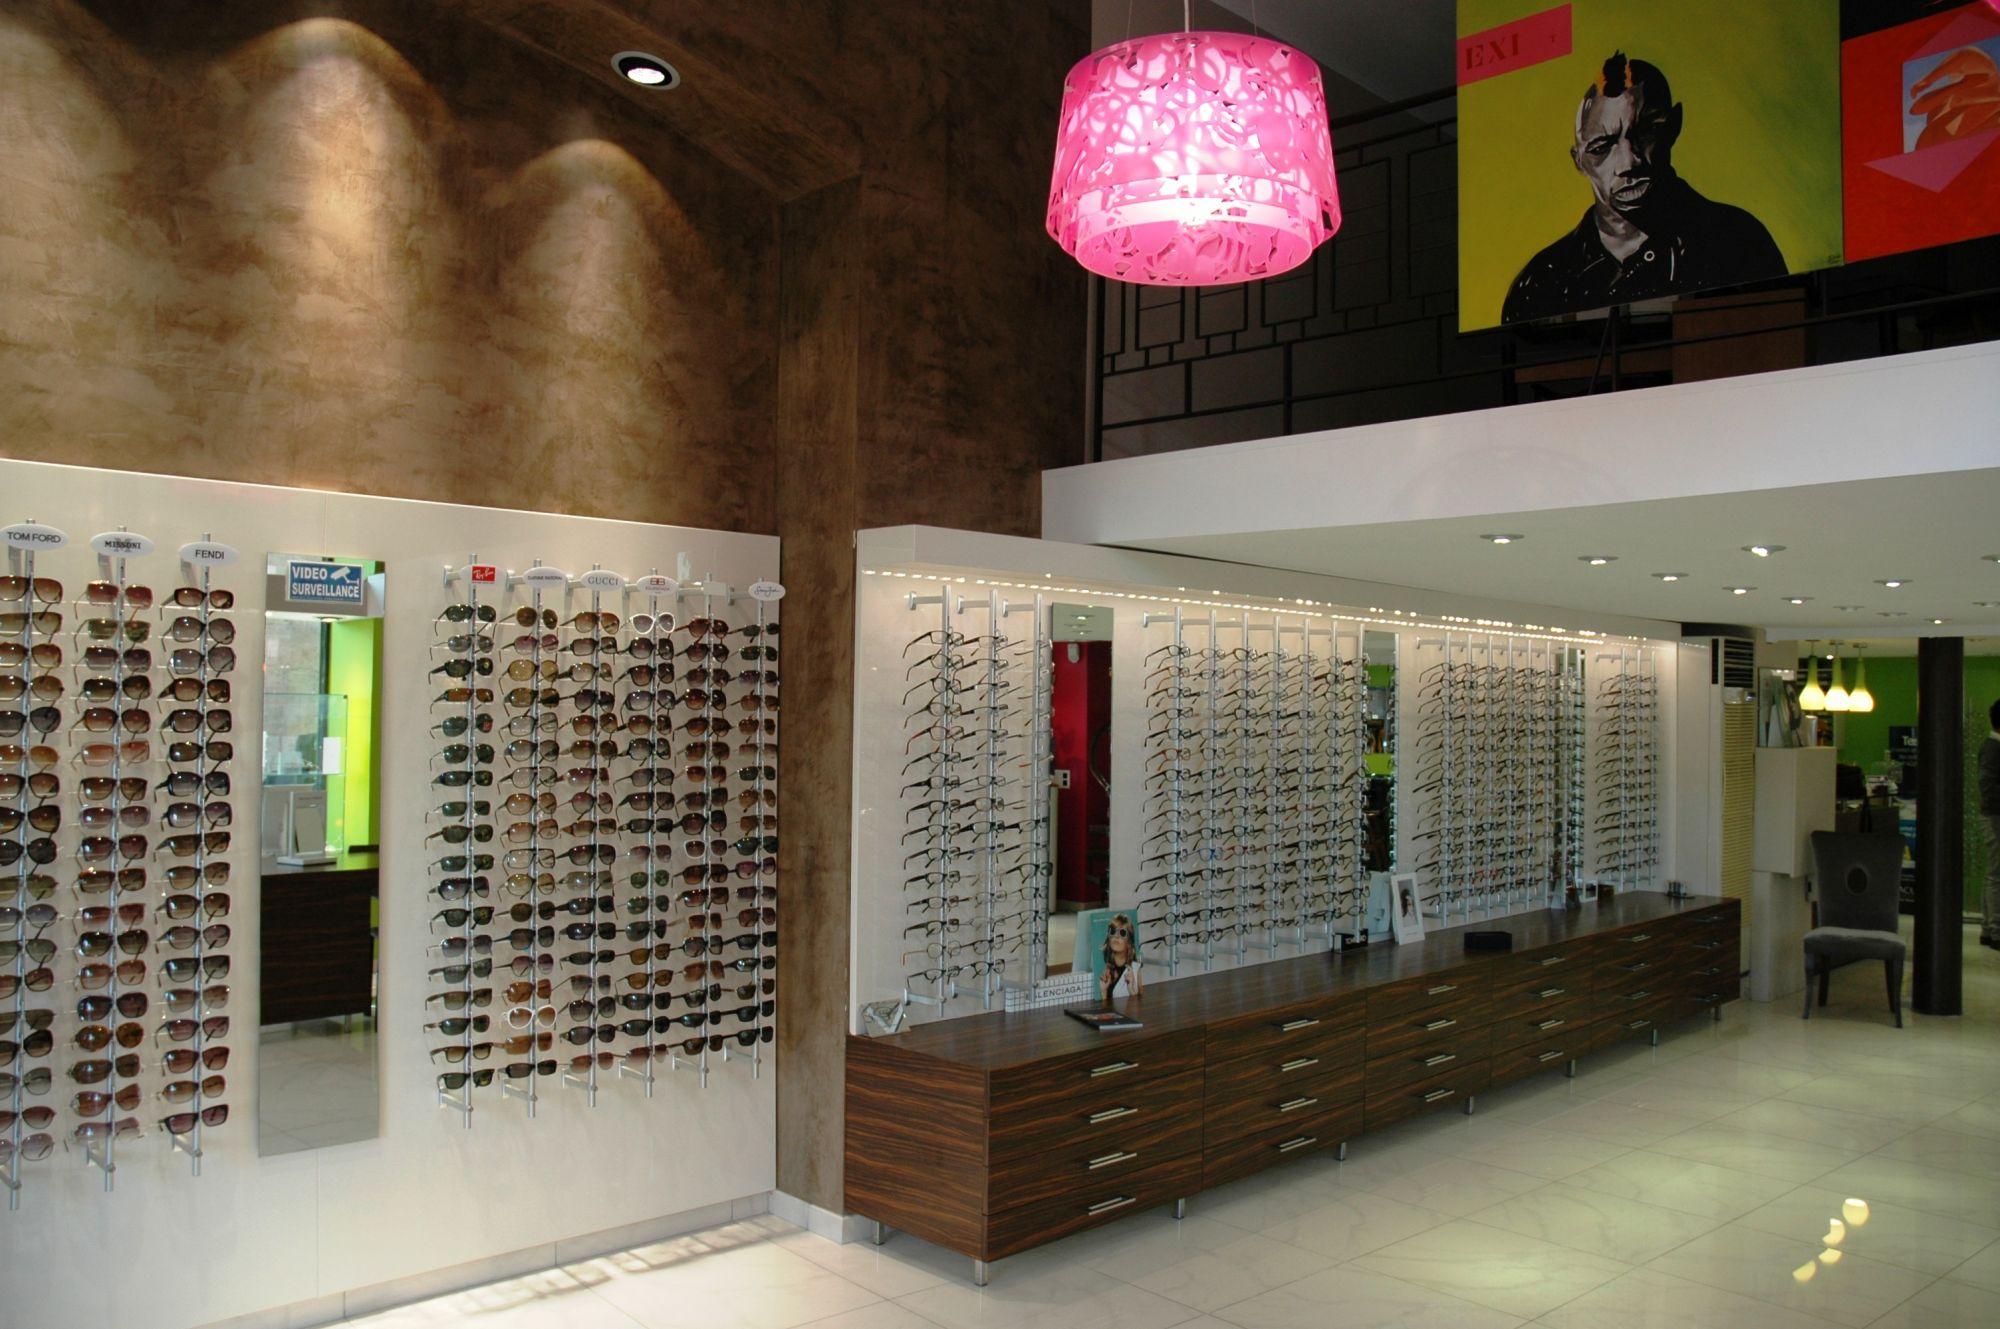 Fabrication de meubles sp cifiques la vente de lunettes pour un meilleur confort quotidien de - Meilleur truc pour decaper un meuble ...